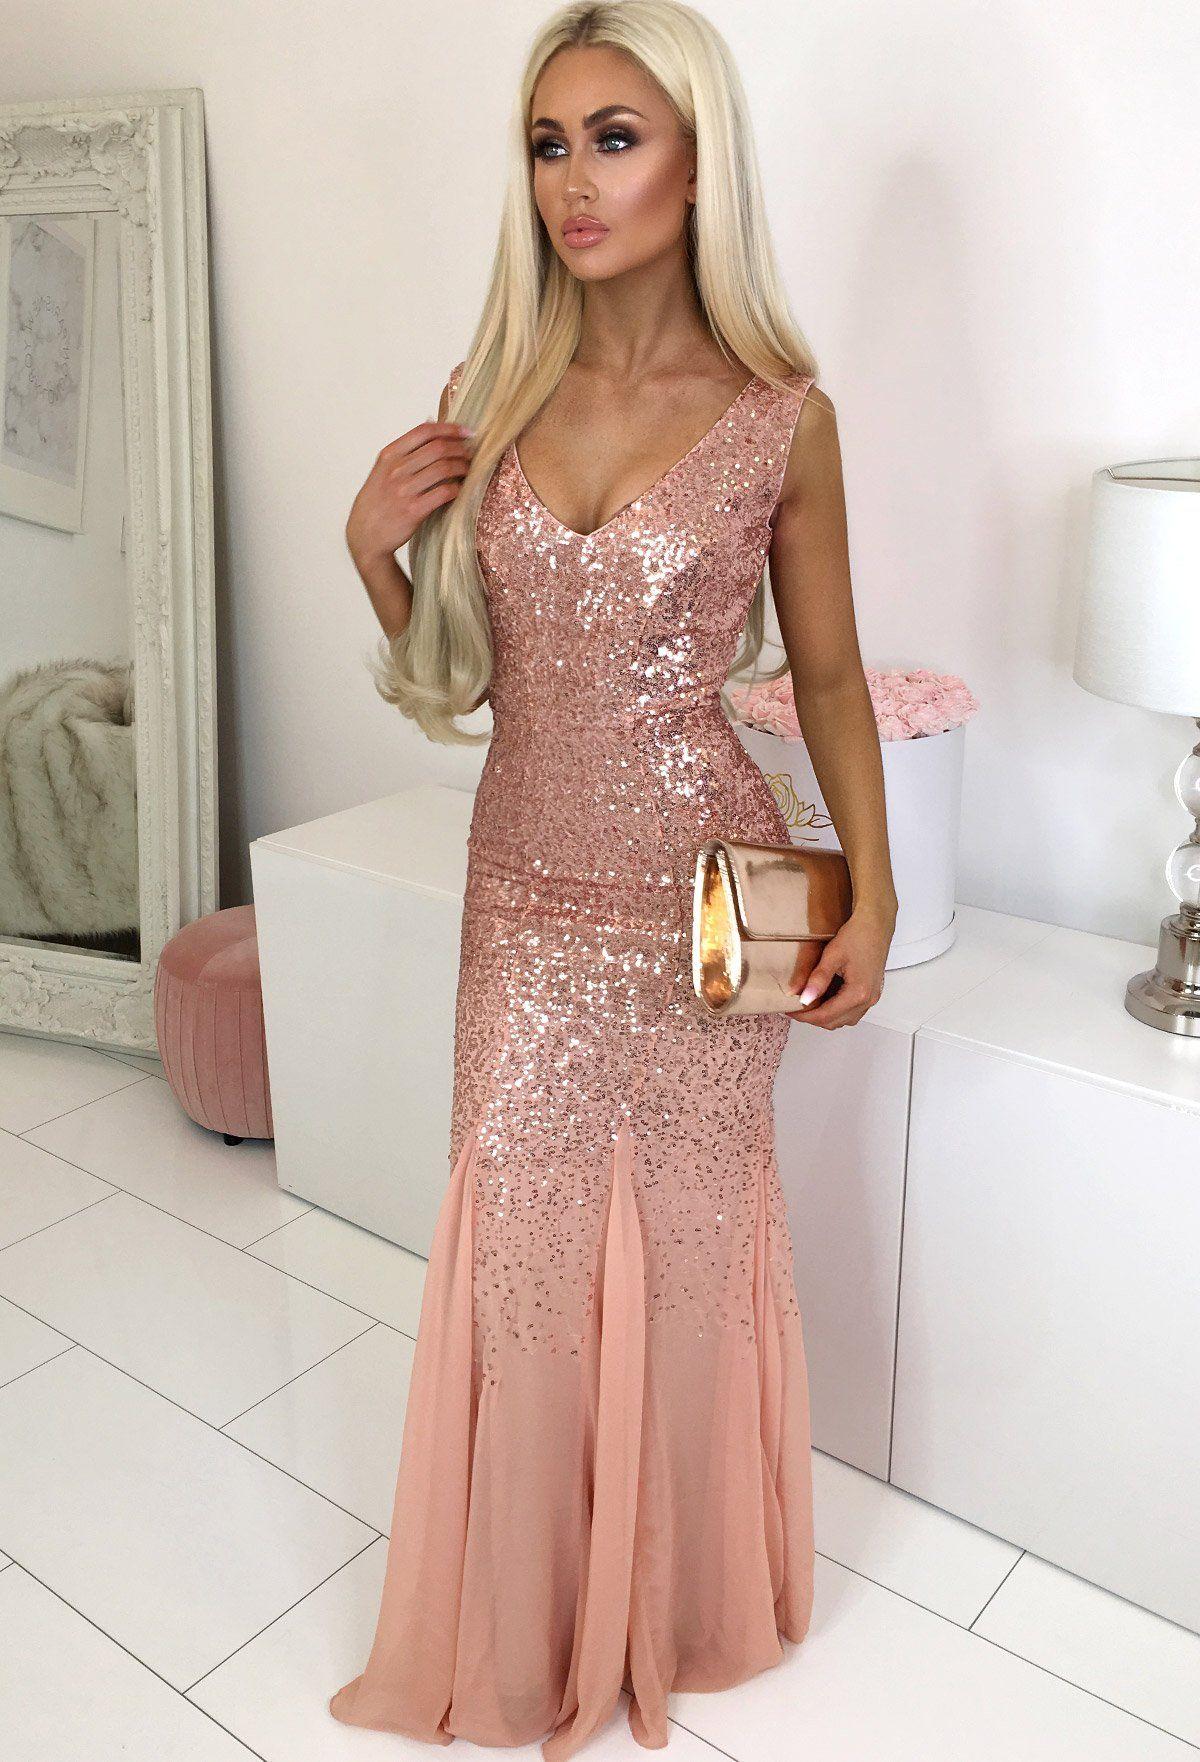 Oscar Night Peach Sequin Maxi Dress Maxi Dress Party Peach Maxi Dresses Dresses [ 1762 x 1200 Pixel ]